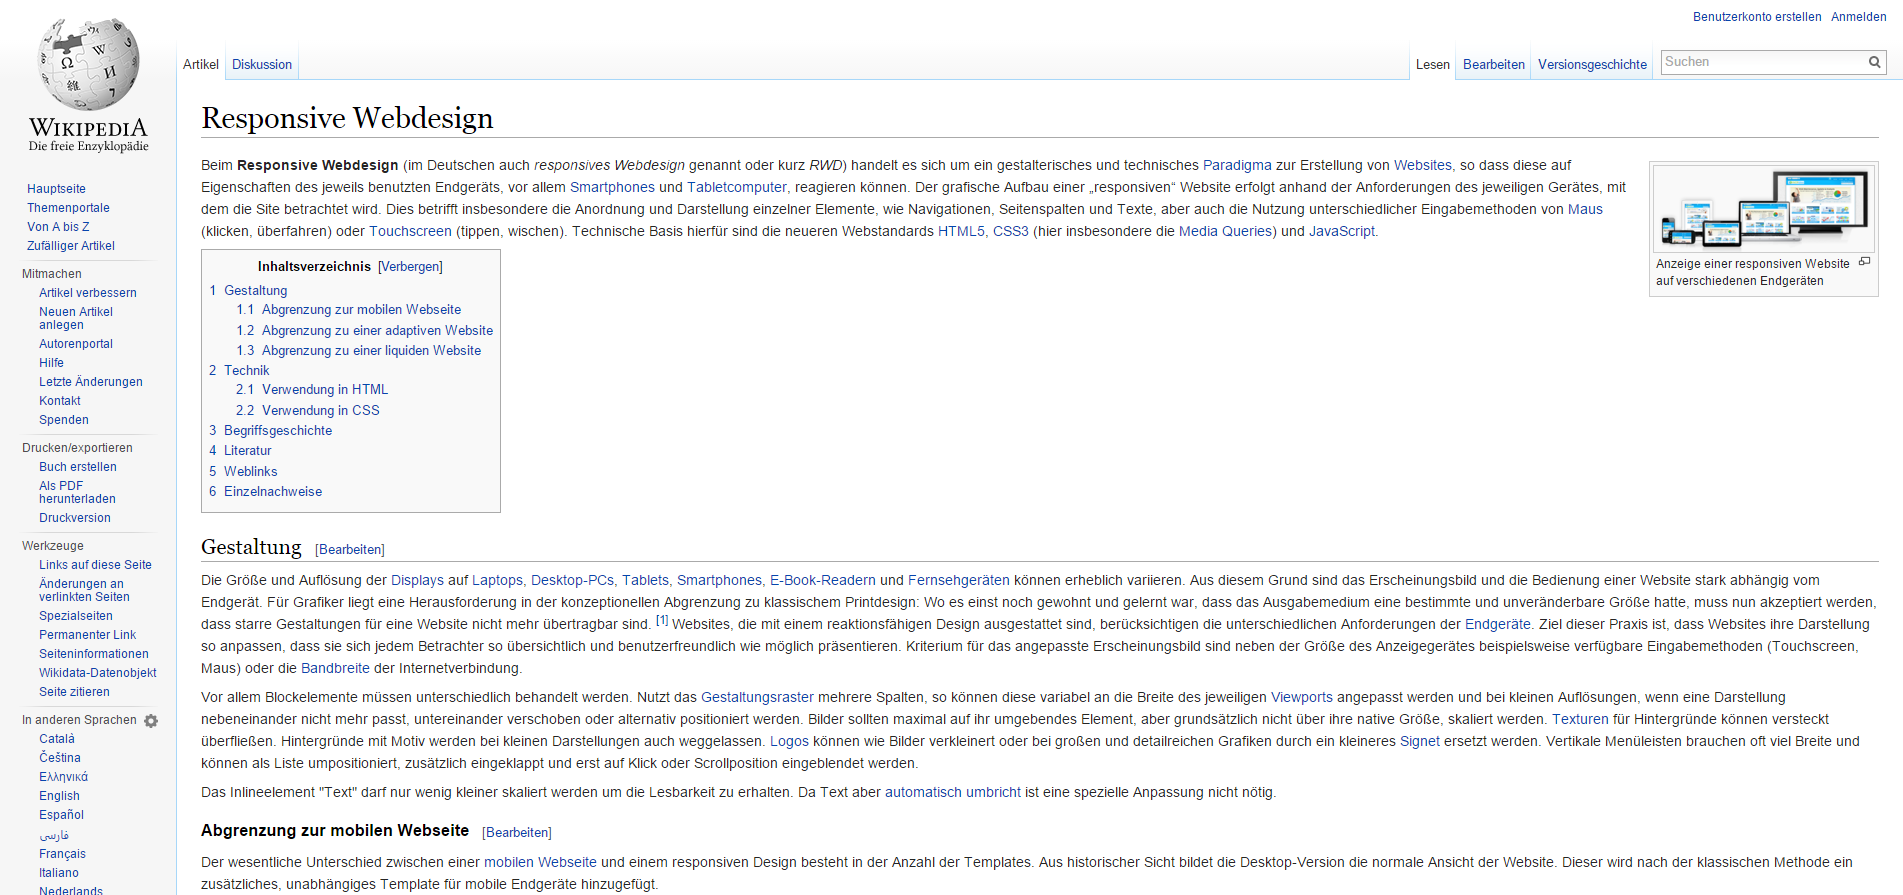 Wikipedia 1080p